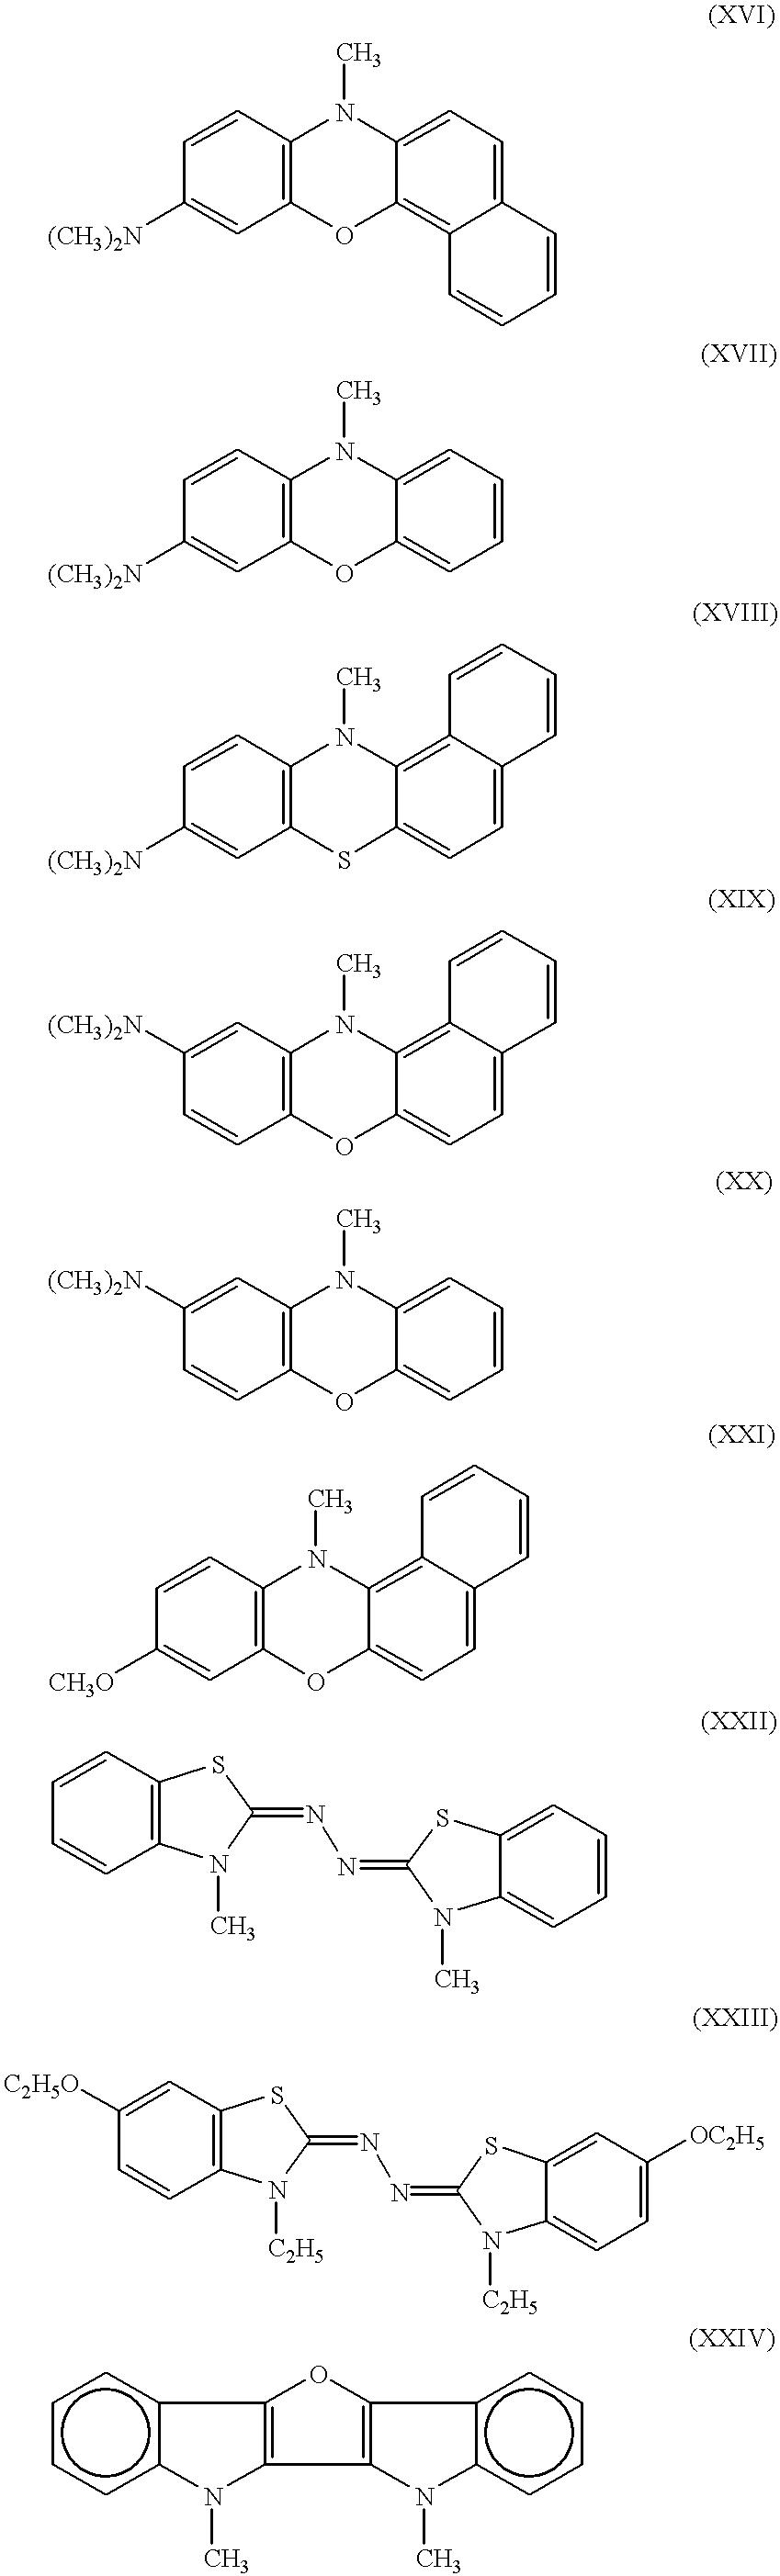 Figure US06193912-20010227-C00004